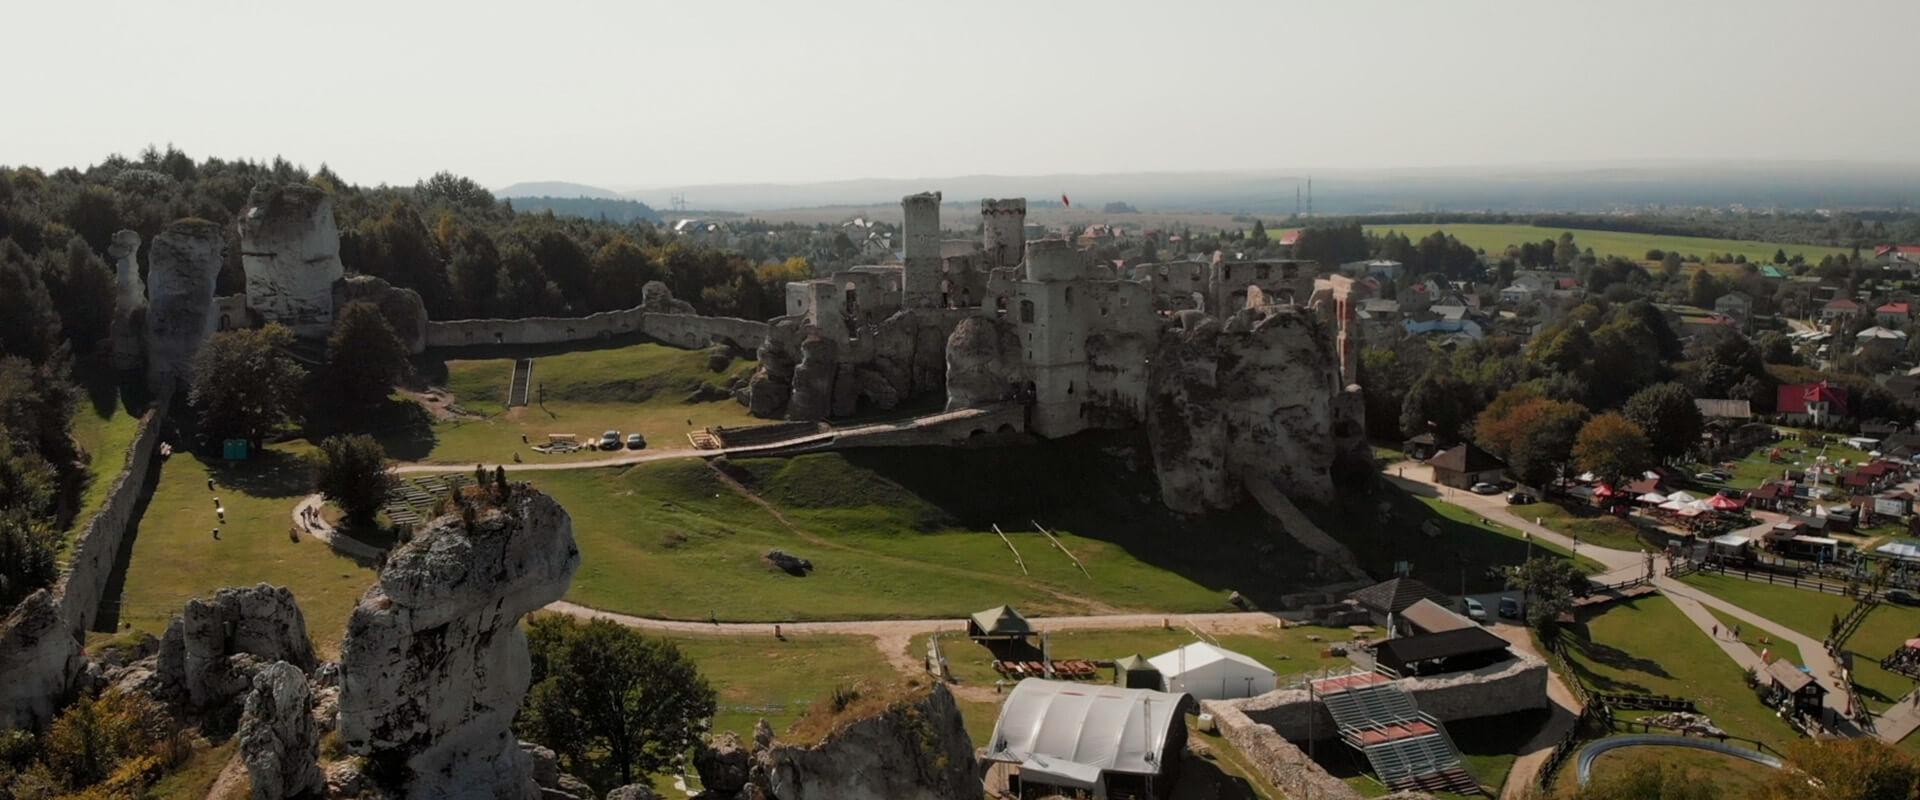 zamek ogrodzieniec w podzamczu z drona